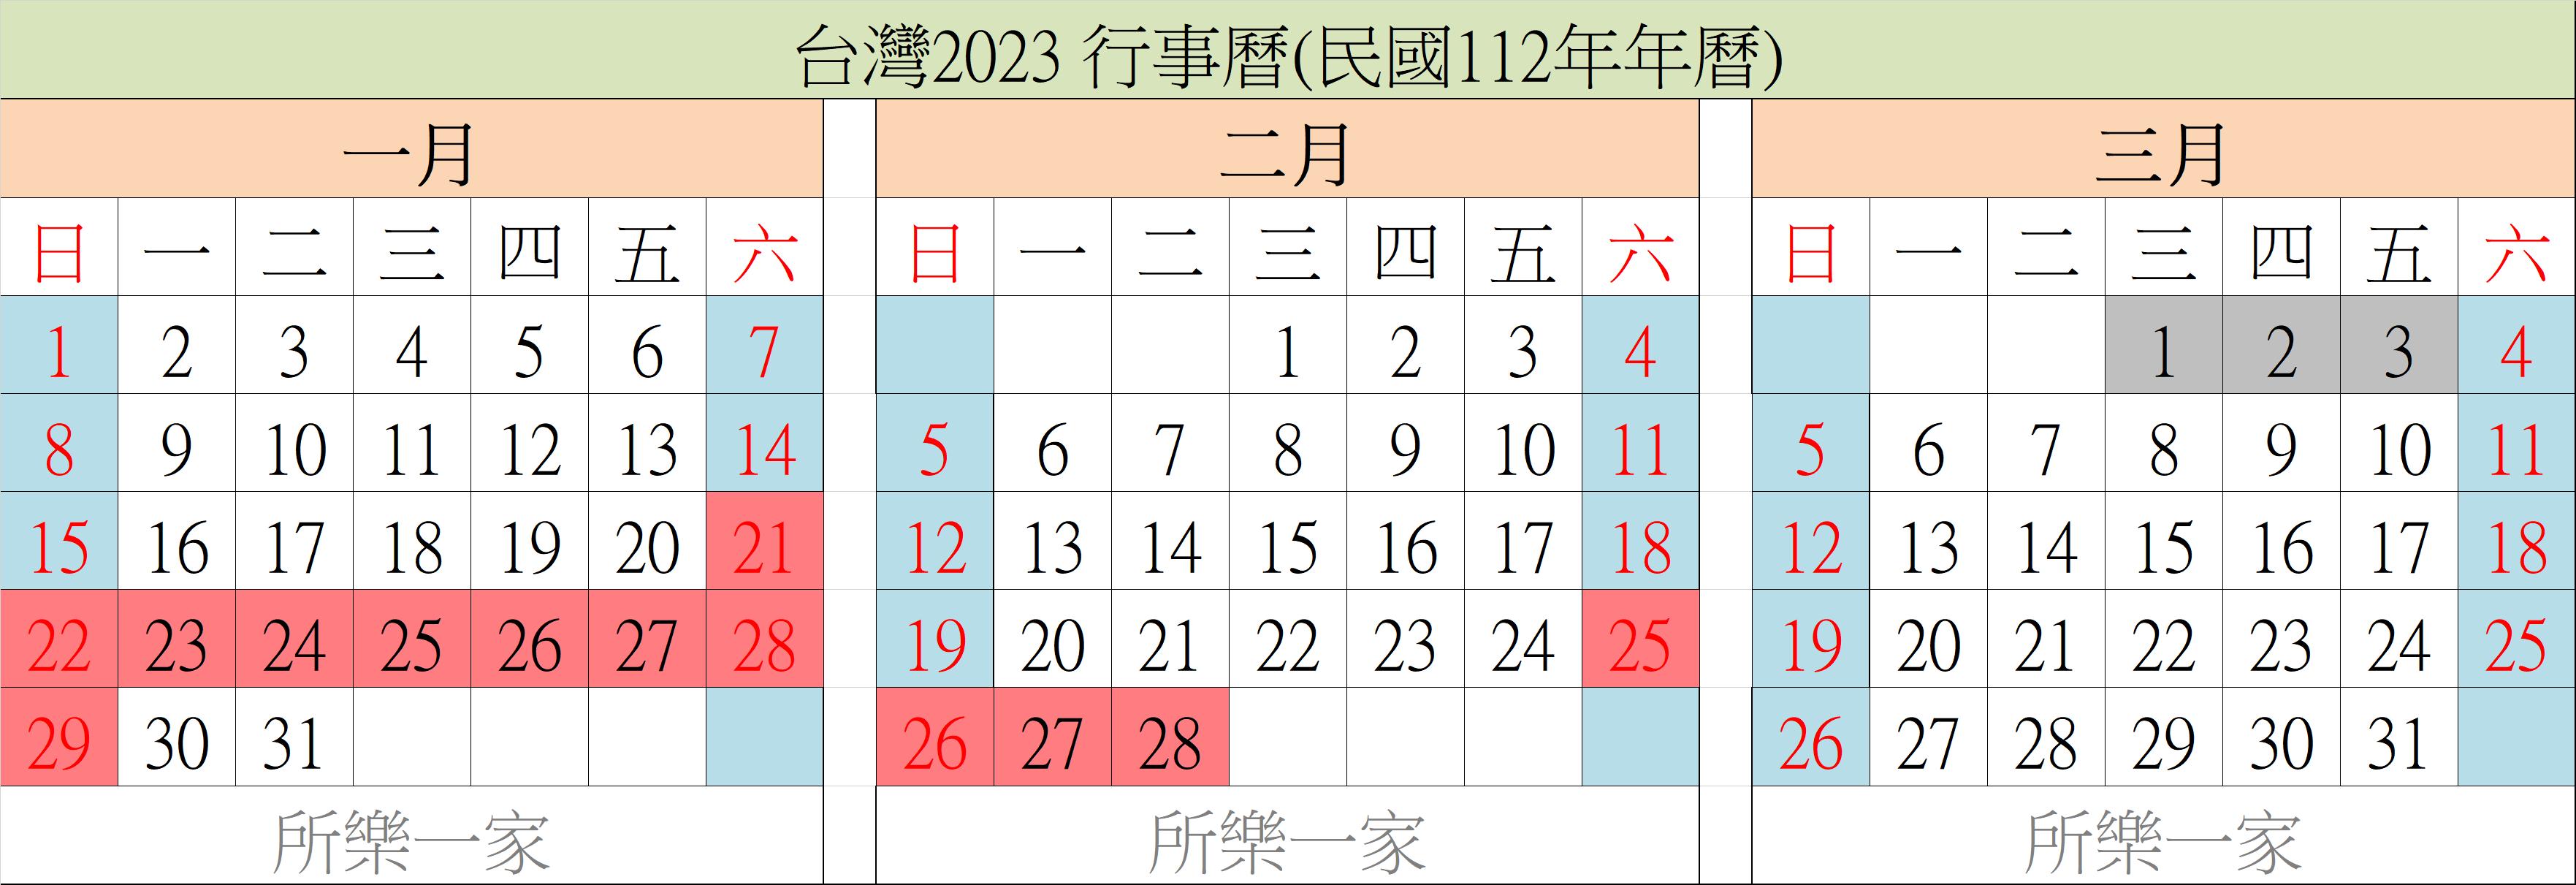 2023 年 令 和